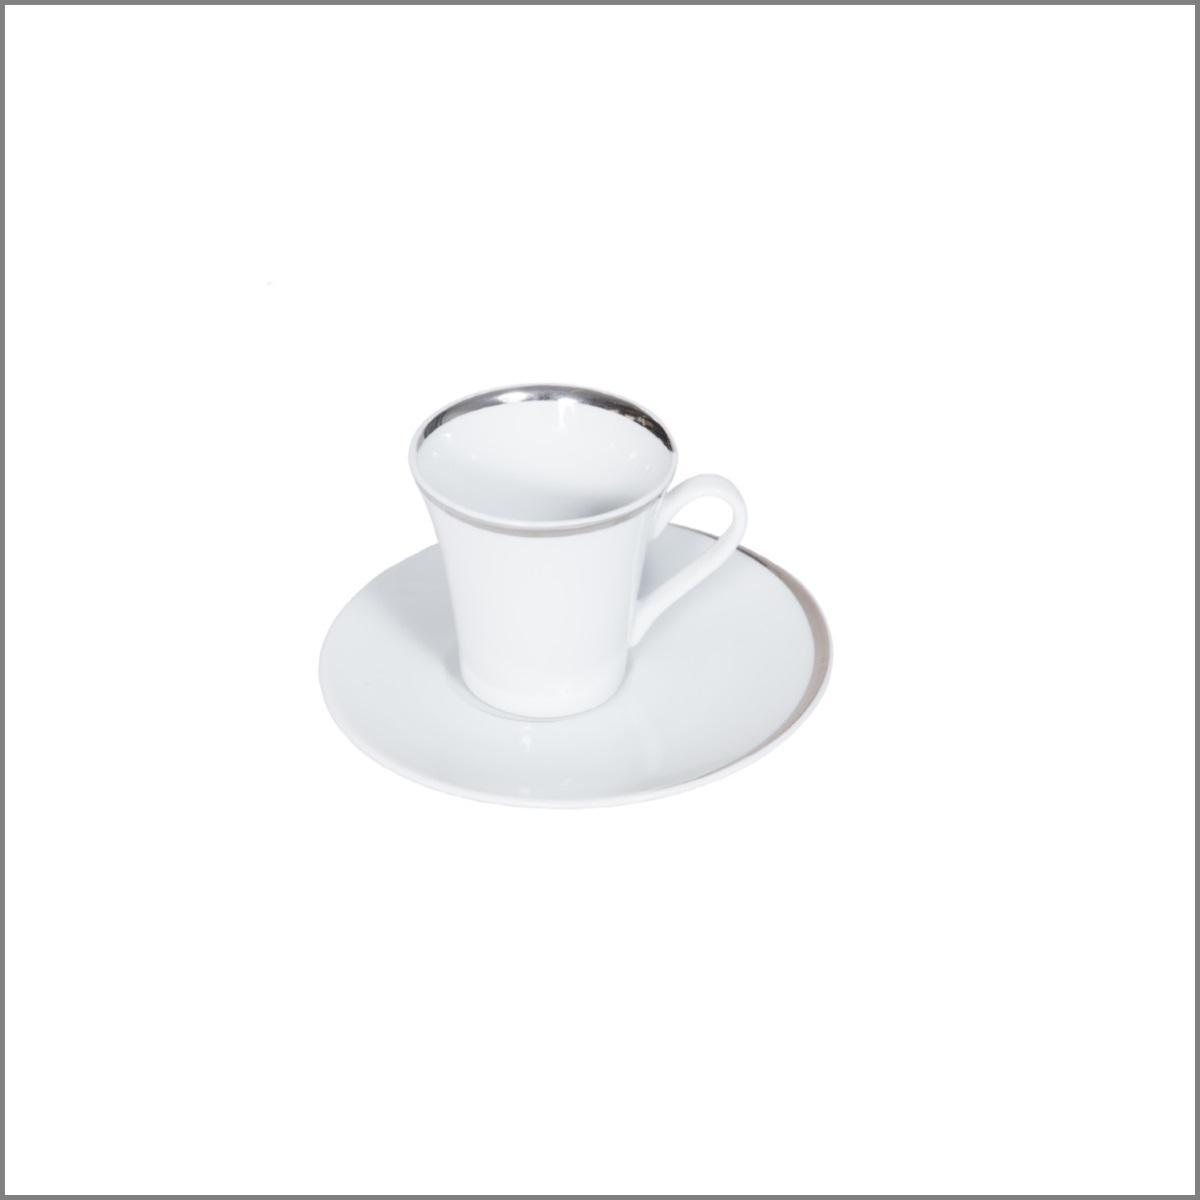 Elipse argent tasse a cafe et sous tasse